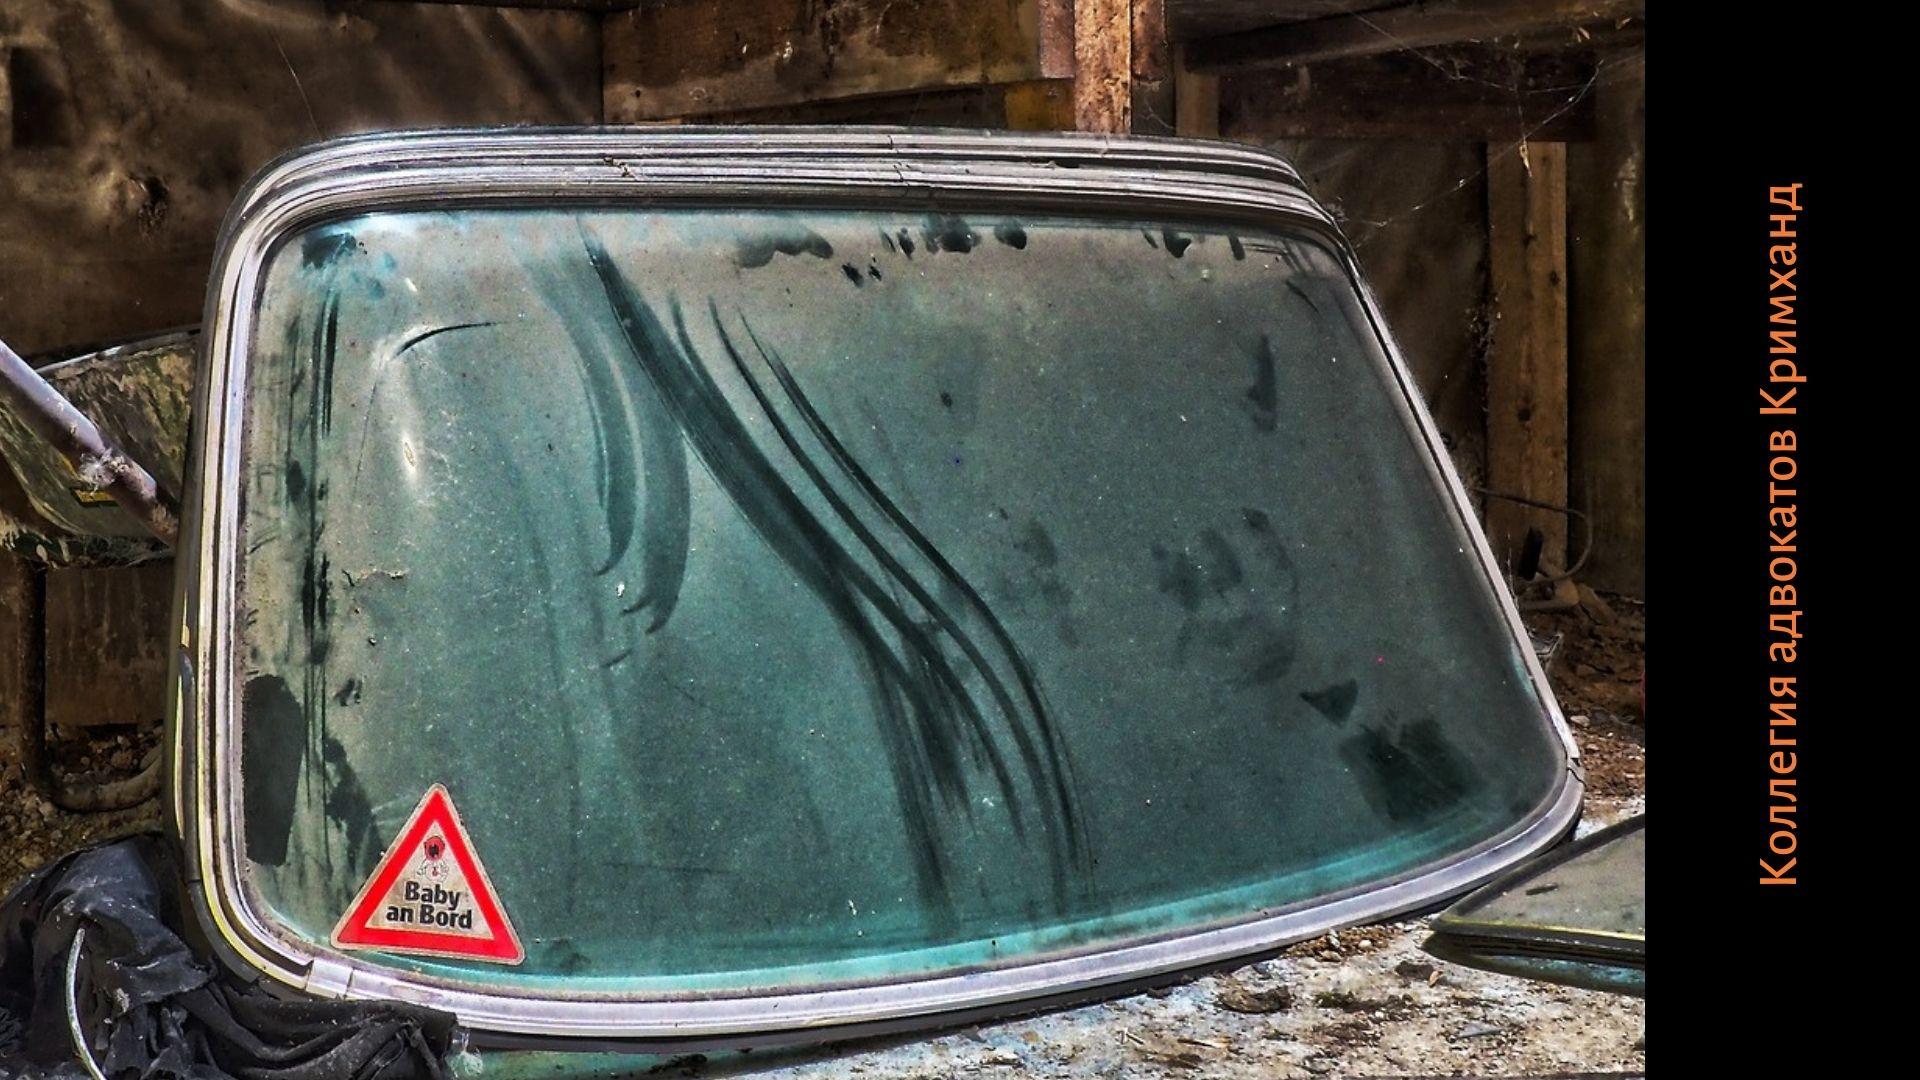 Восстановлениелакокрасочного покрытия в случае кражи деталей автомобиля [Решение суда]